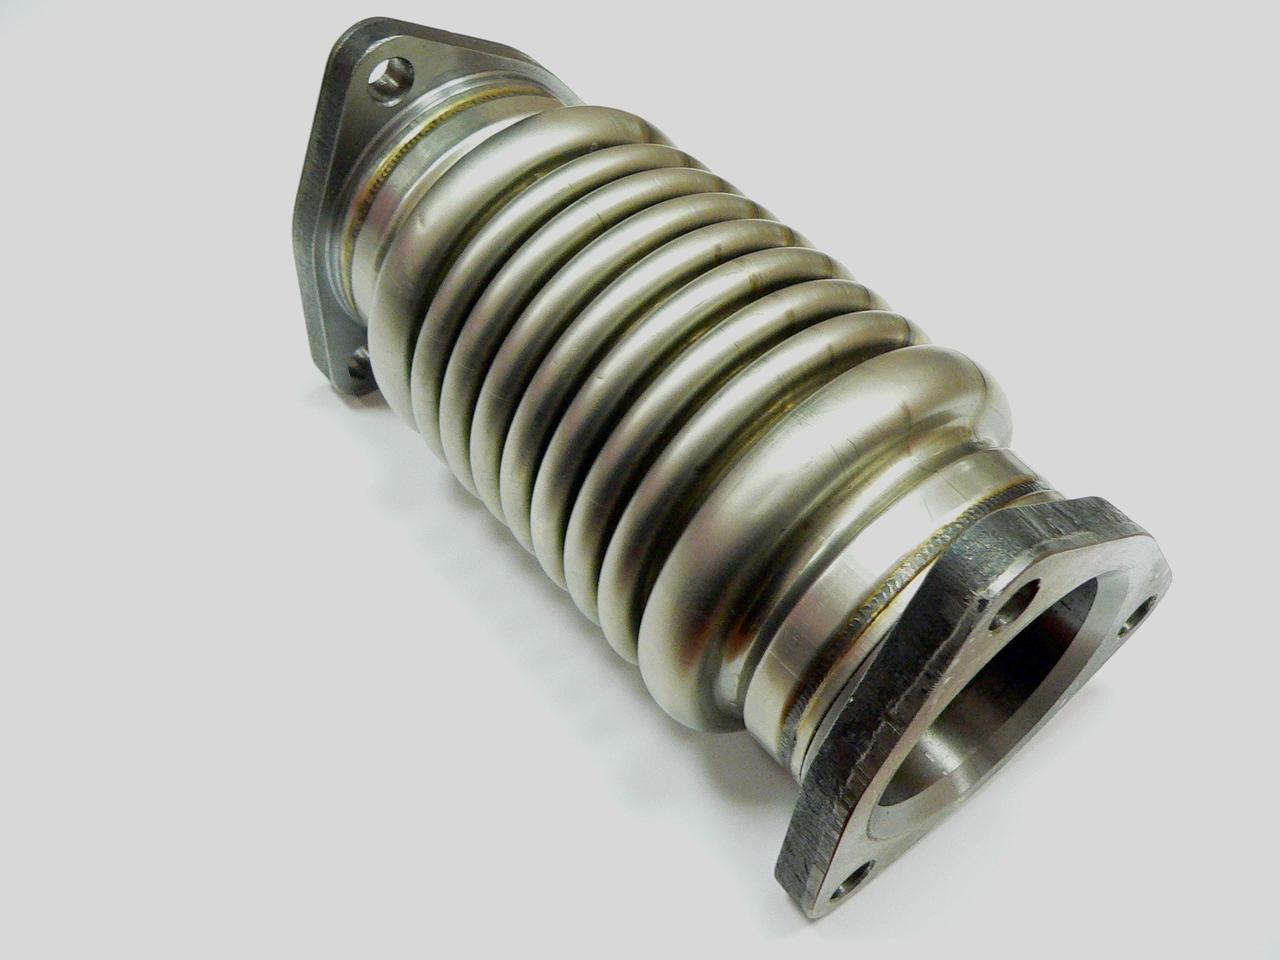 Сильфон газопровода 238НБ-1008088-А